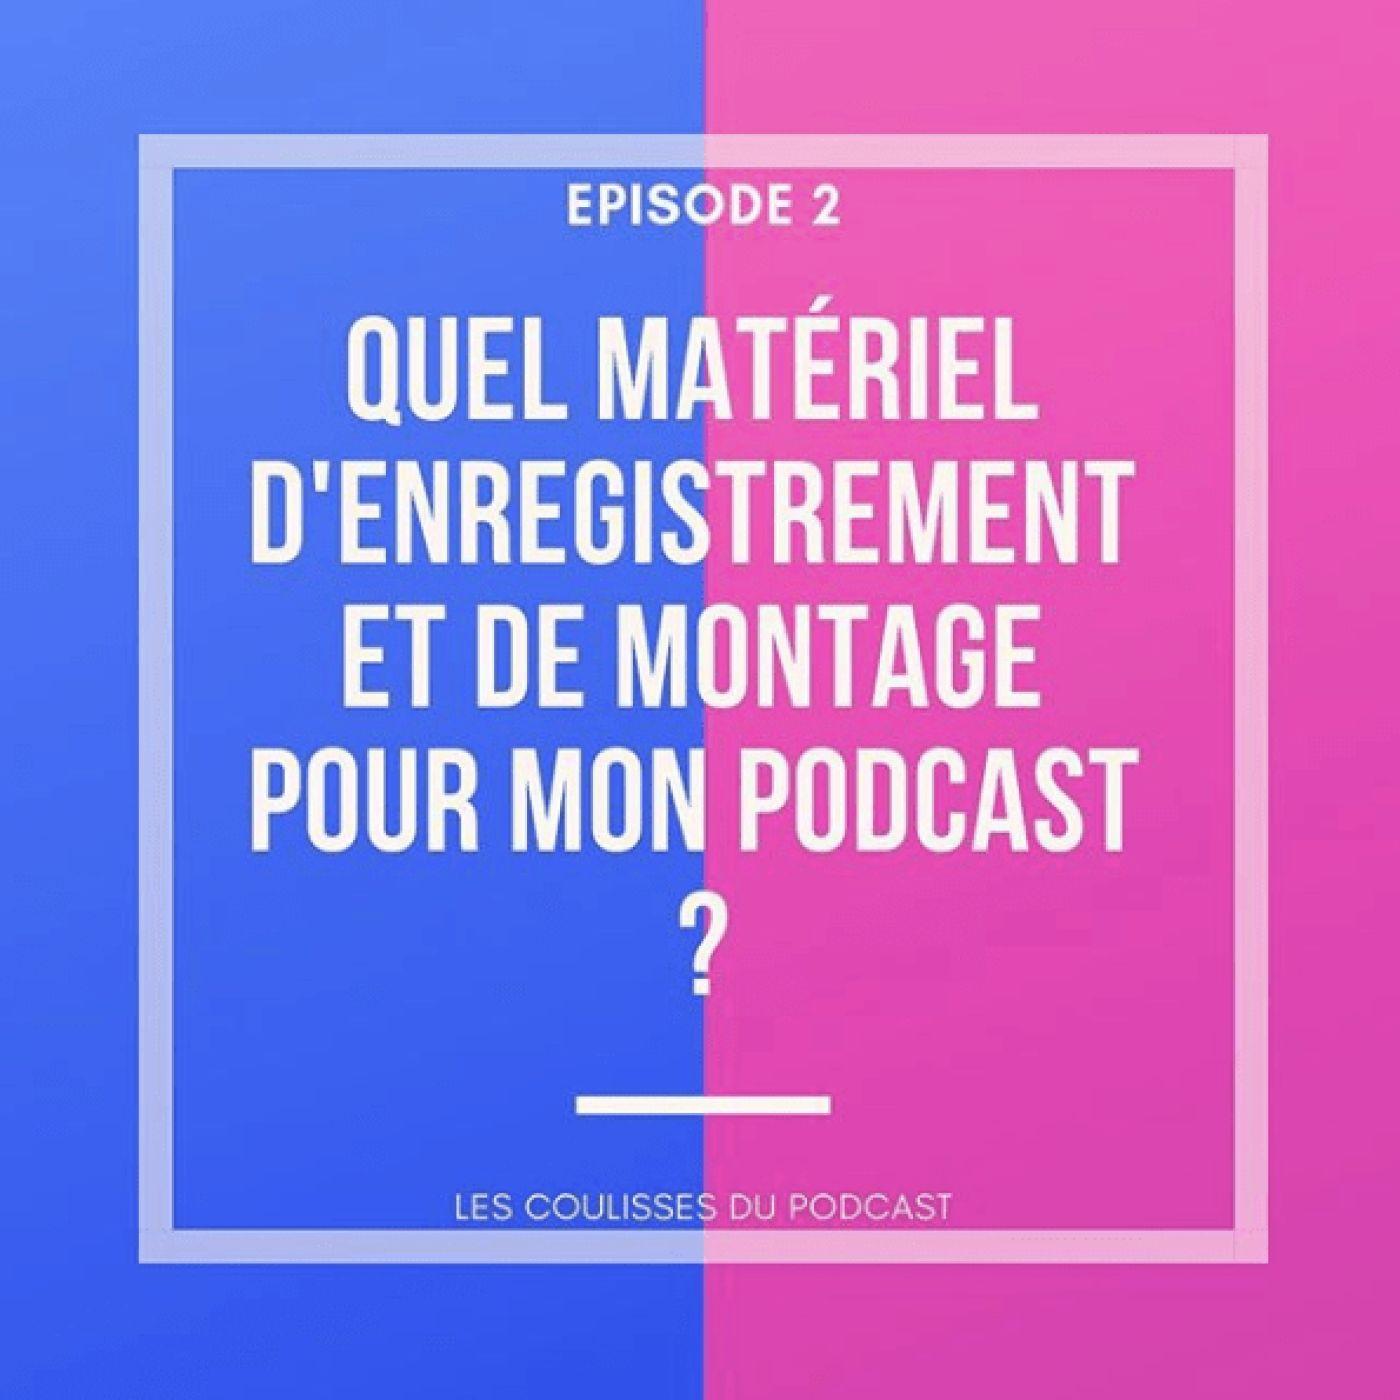 Quel matériel d'enregistrement et de montage pour mon podcast ?